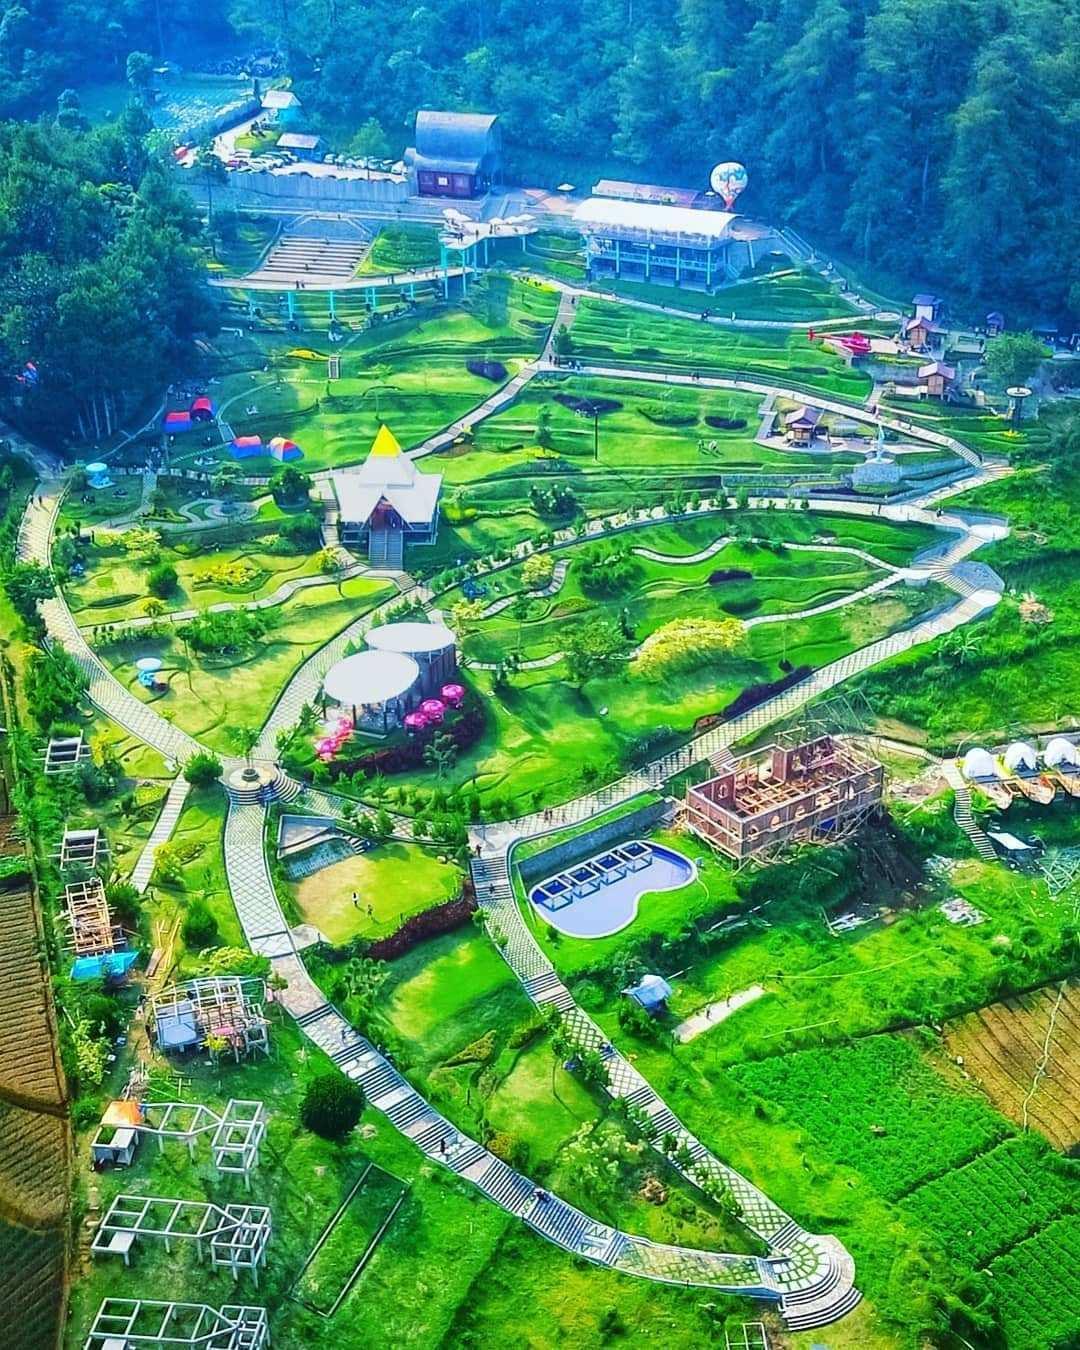 Wisata Alam Sevilage Dilihat Dari Atas, Image From @tedirachman